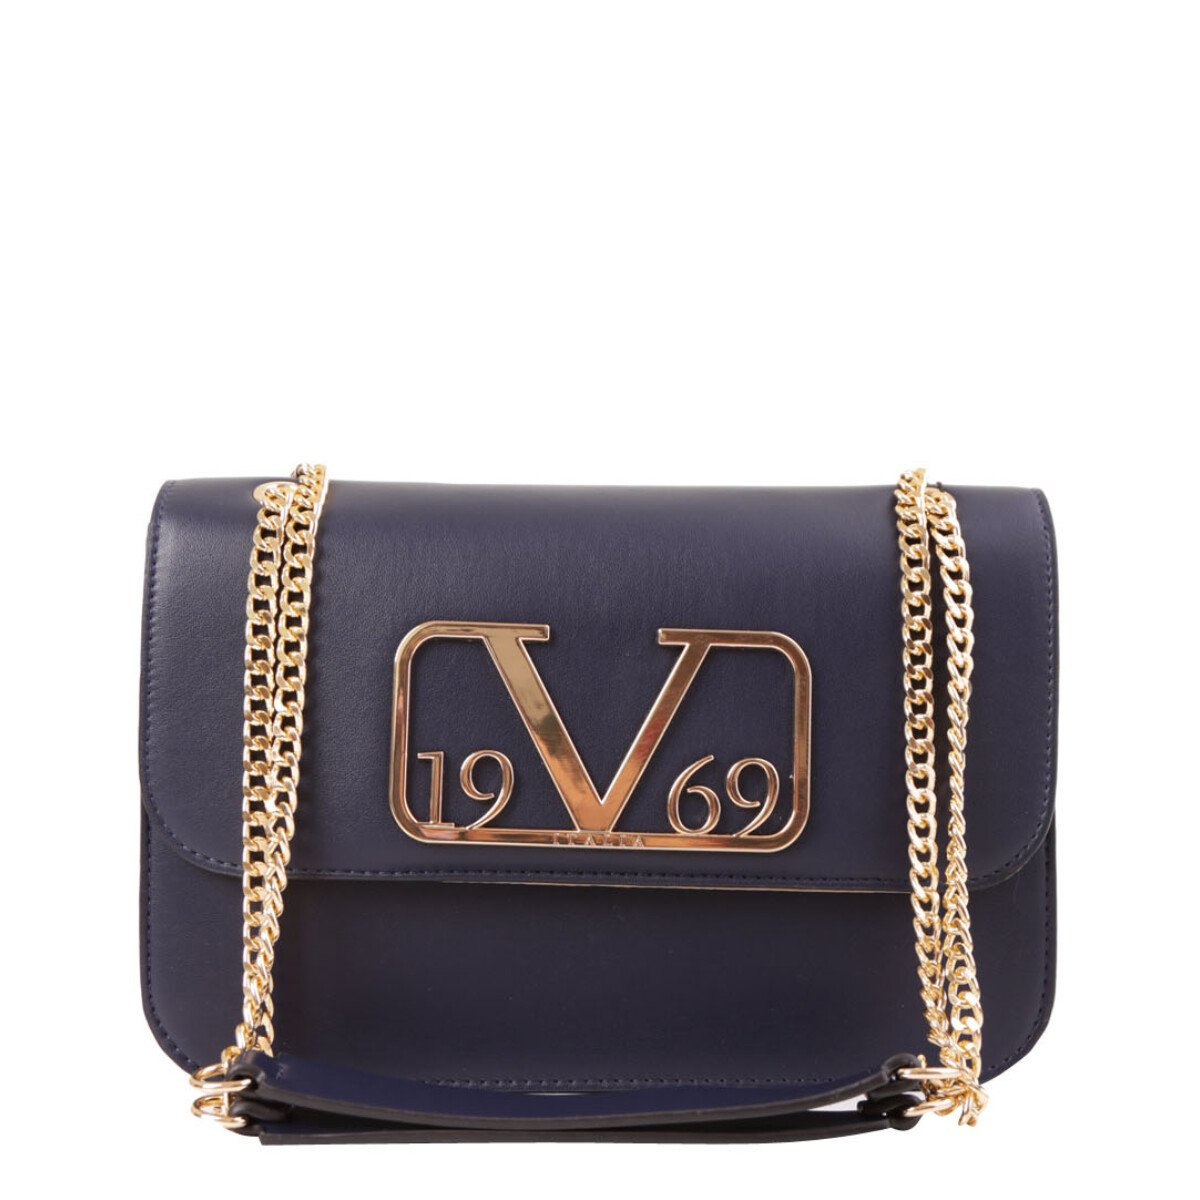 19v69 Italia Women's Handbag Various Colours 318965 - blue UNICA